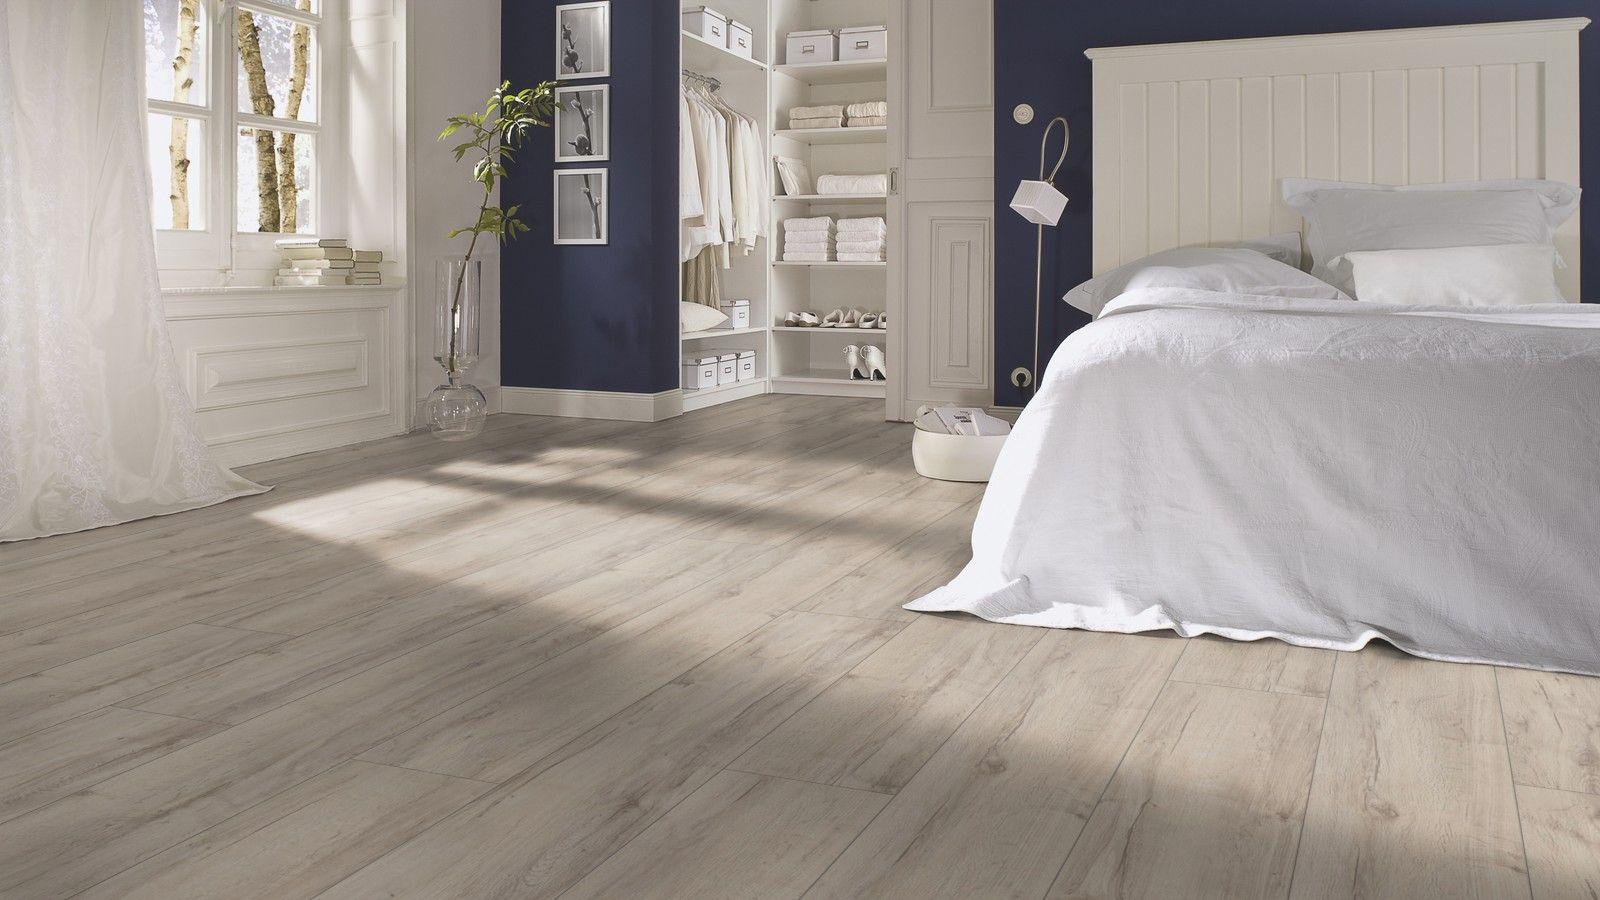 garantiert ohne pvc und weichmacher meister designboden tecara dd 350 s eiche altgrau 6937. Black Bedroom Furniture Sets. Home Design Ideas